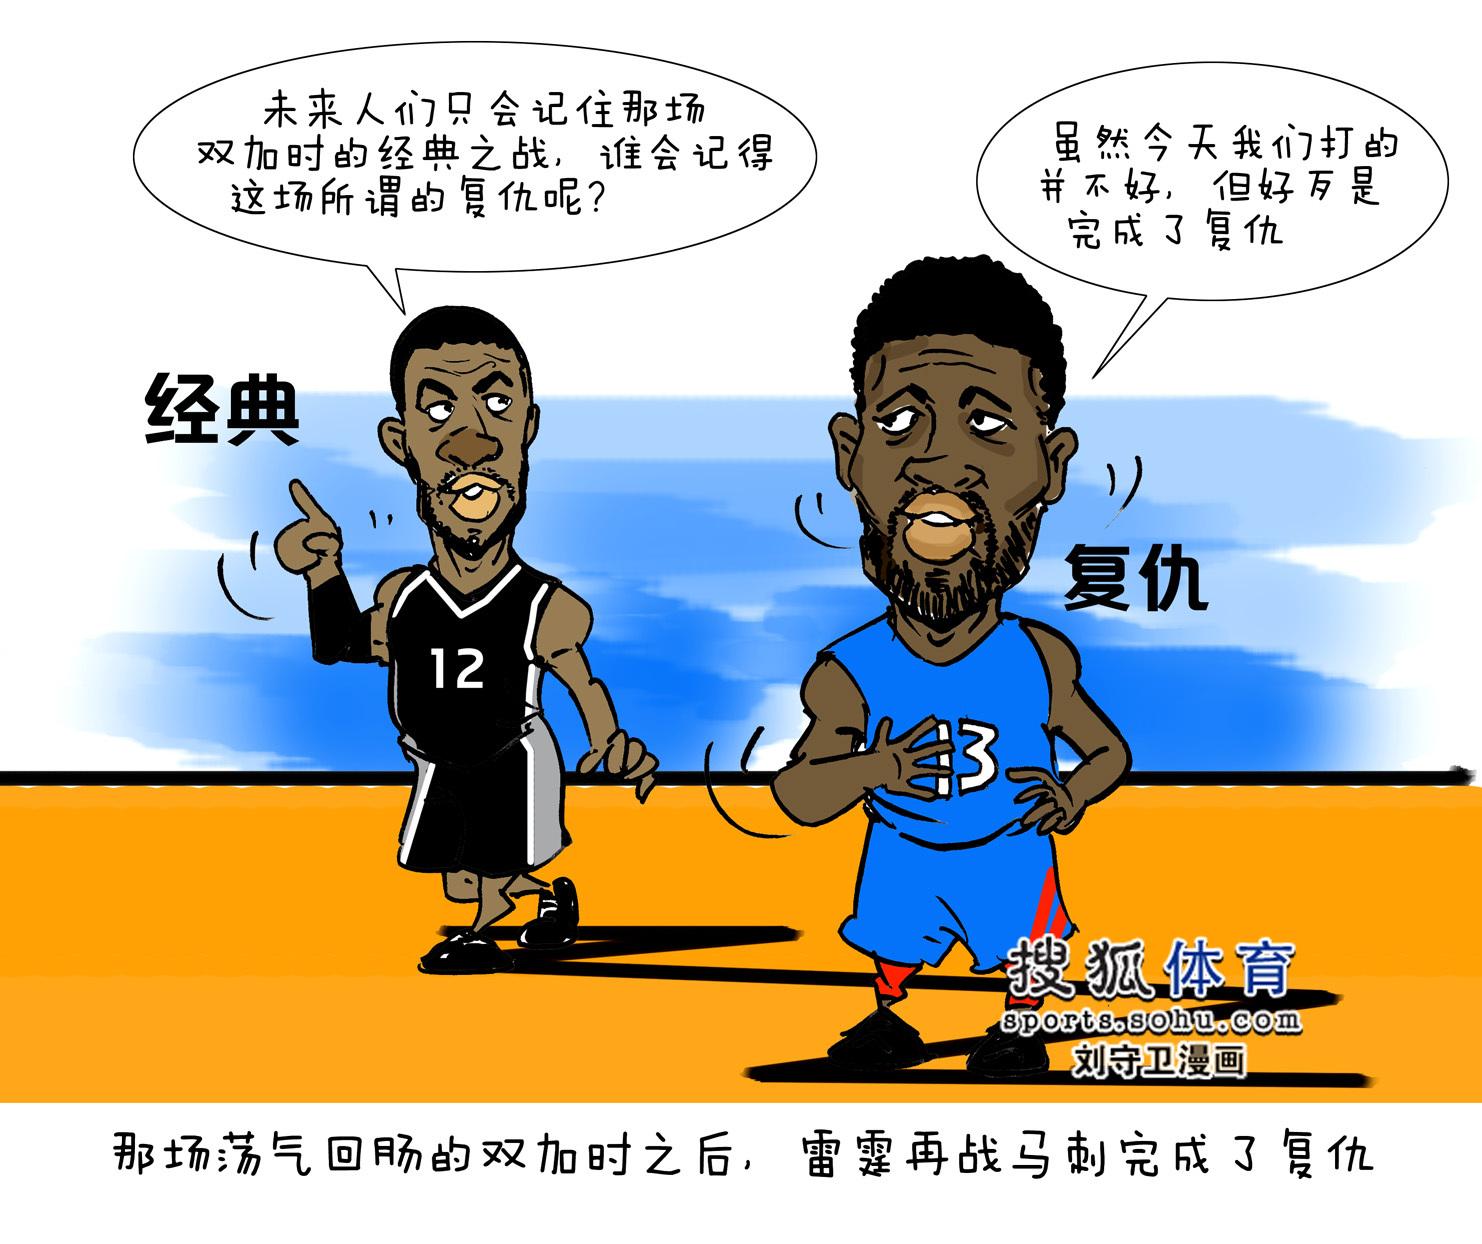 NBA漫画:双加时经典战后雷霆再战马刺成功复仇